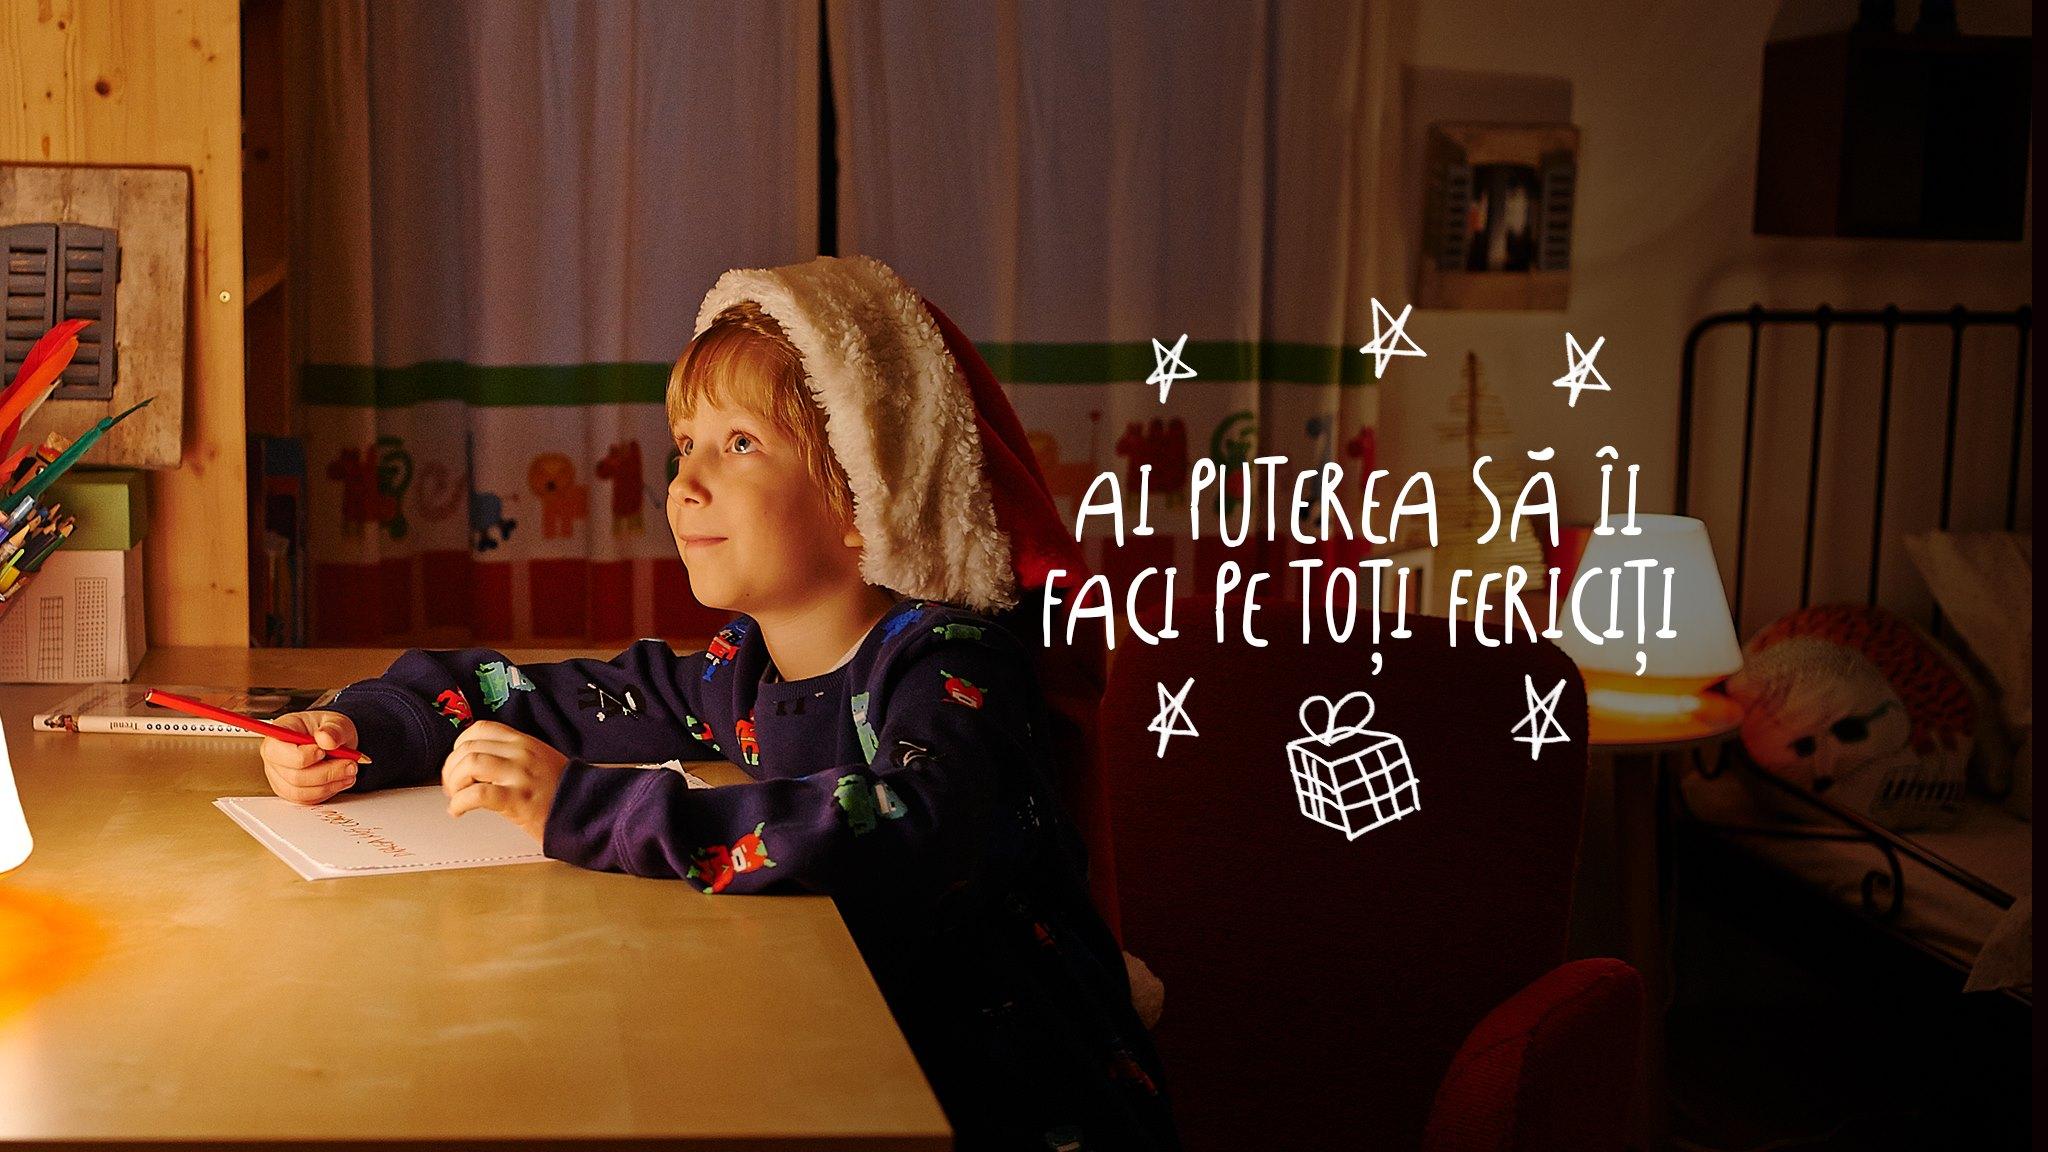 FestiGal transmis live pe pagina de Facebook Vodafone